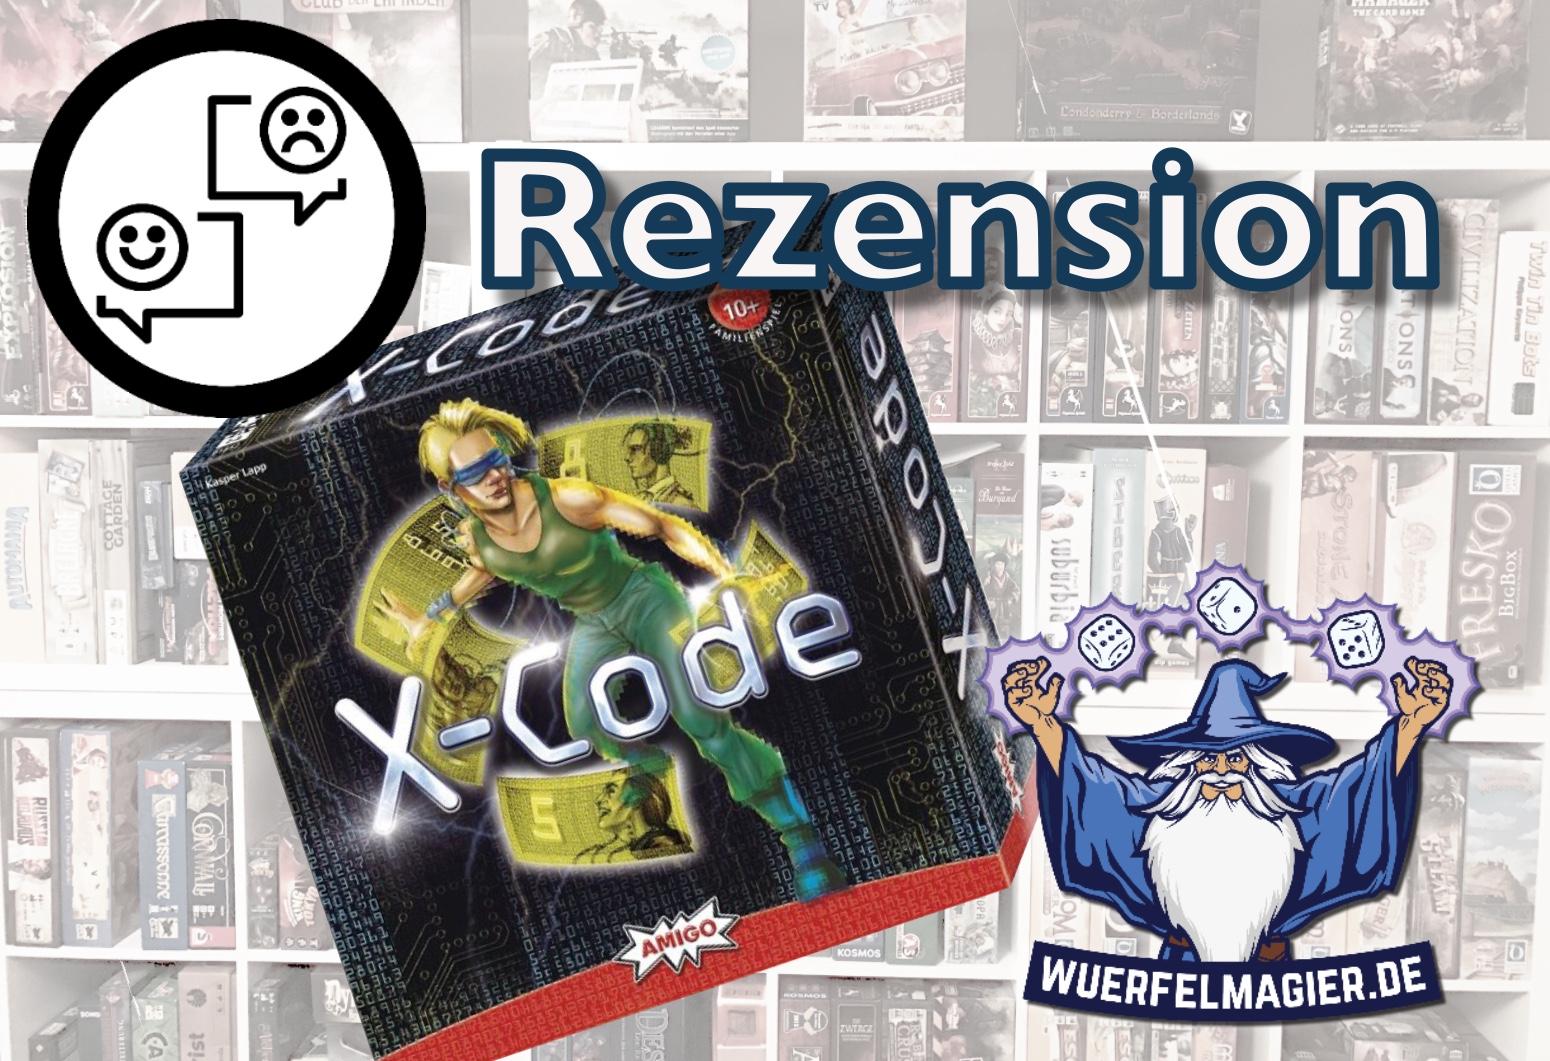 Rezension X-Code Amigo